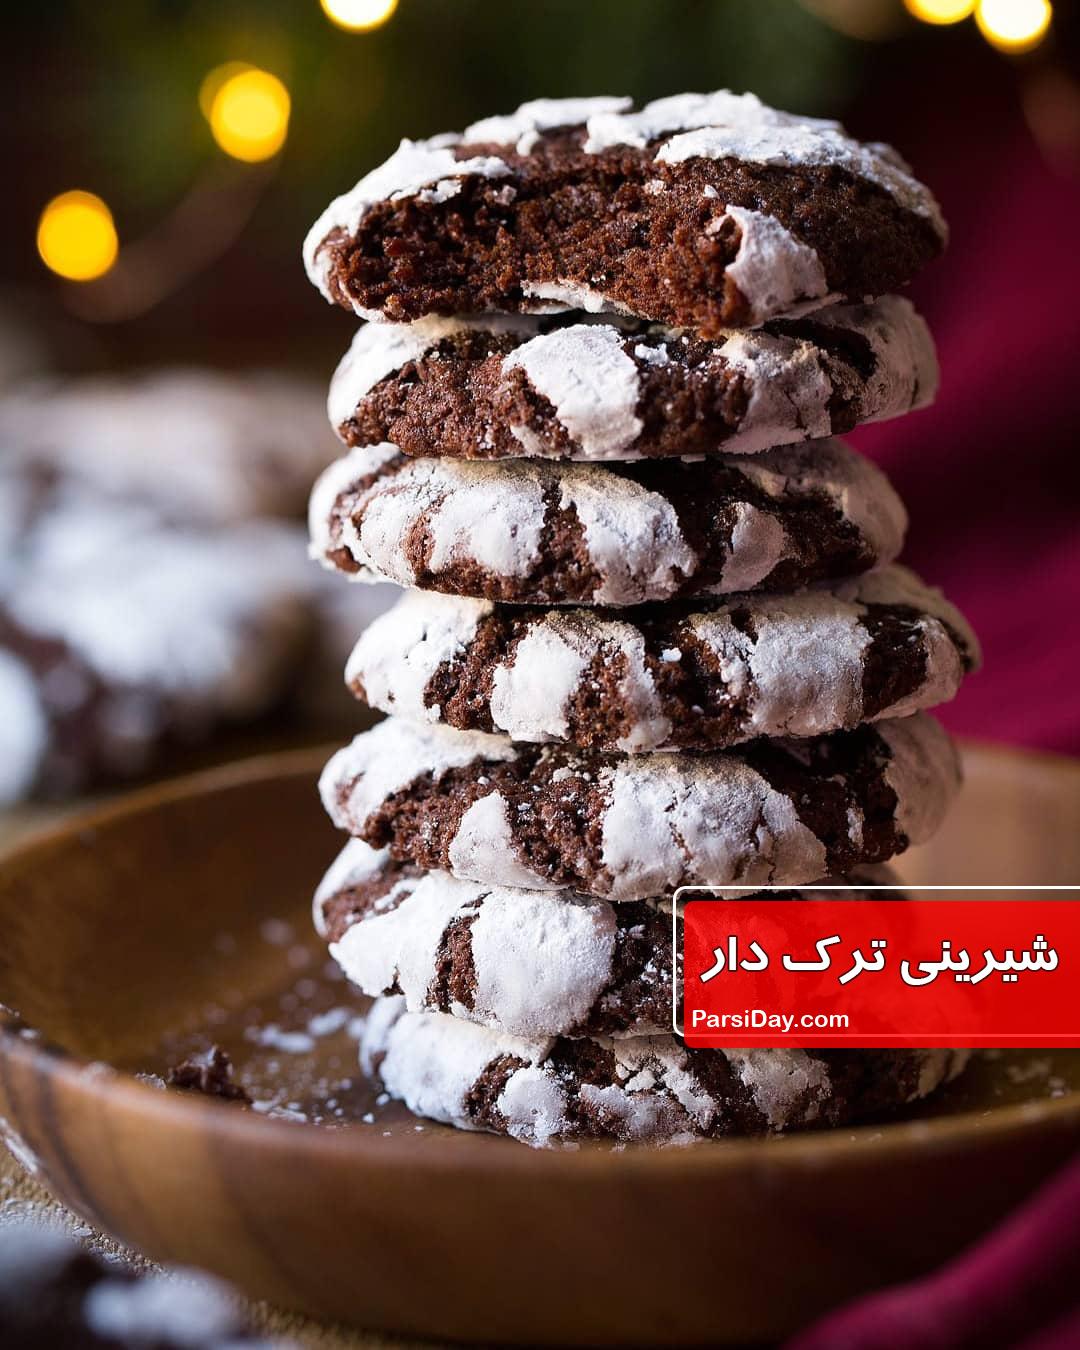 طرز تهیه شیرینی ترک دار یا کوکی ترک شکلاتی خوشمزه و ساده